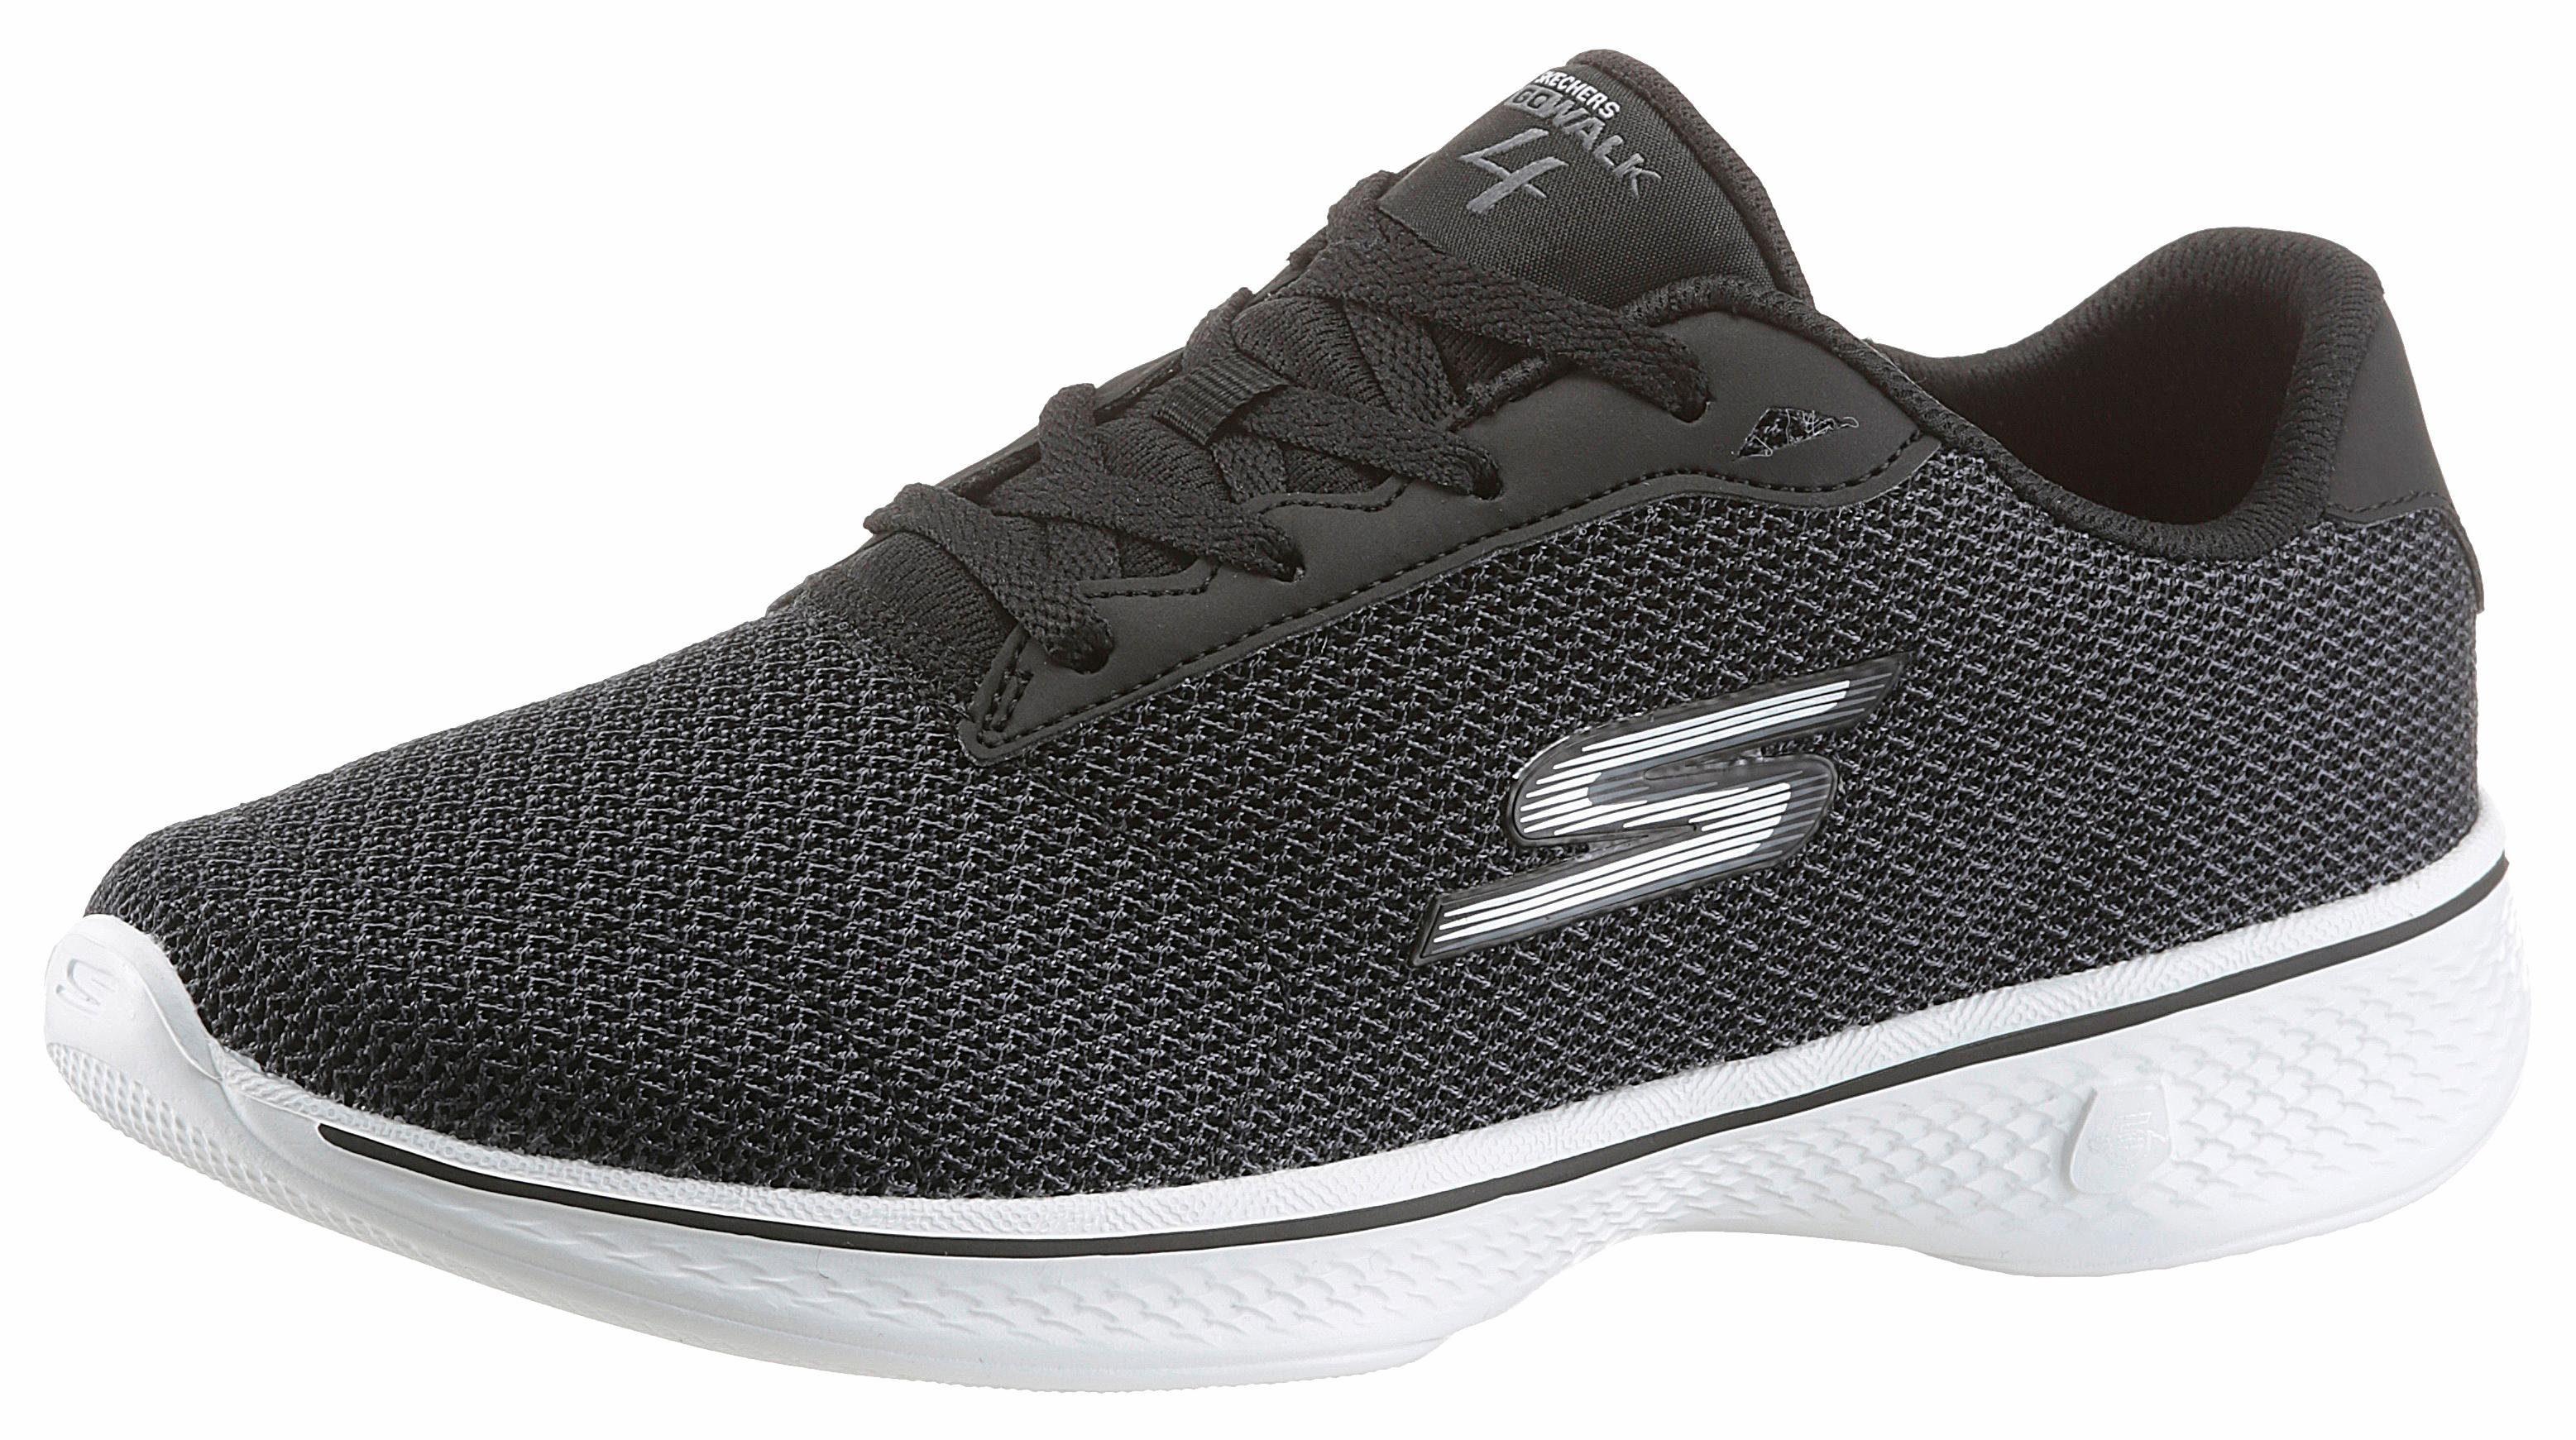 SKECHERS PERFORMANCE Go Walk 4 Glorify Sneaker, mit Goga Max-Technology online kaufen  schwarz